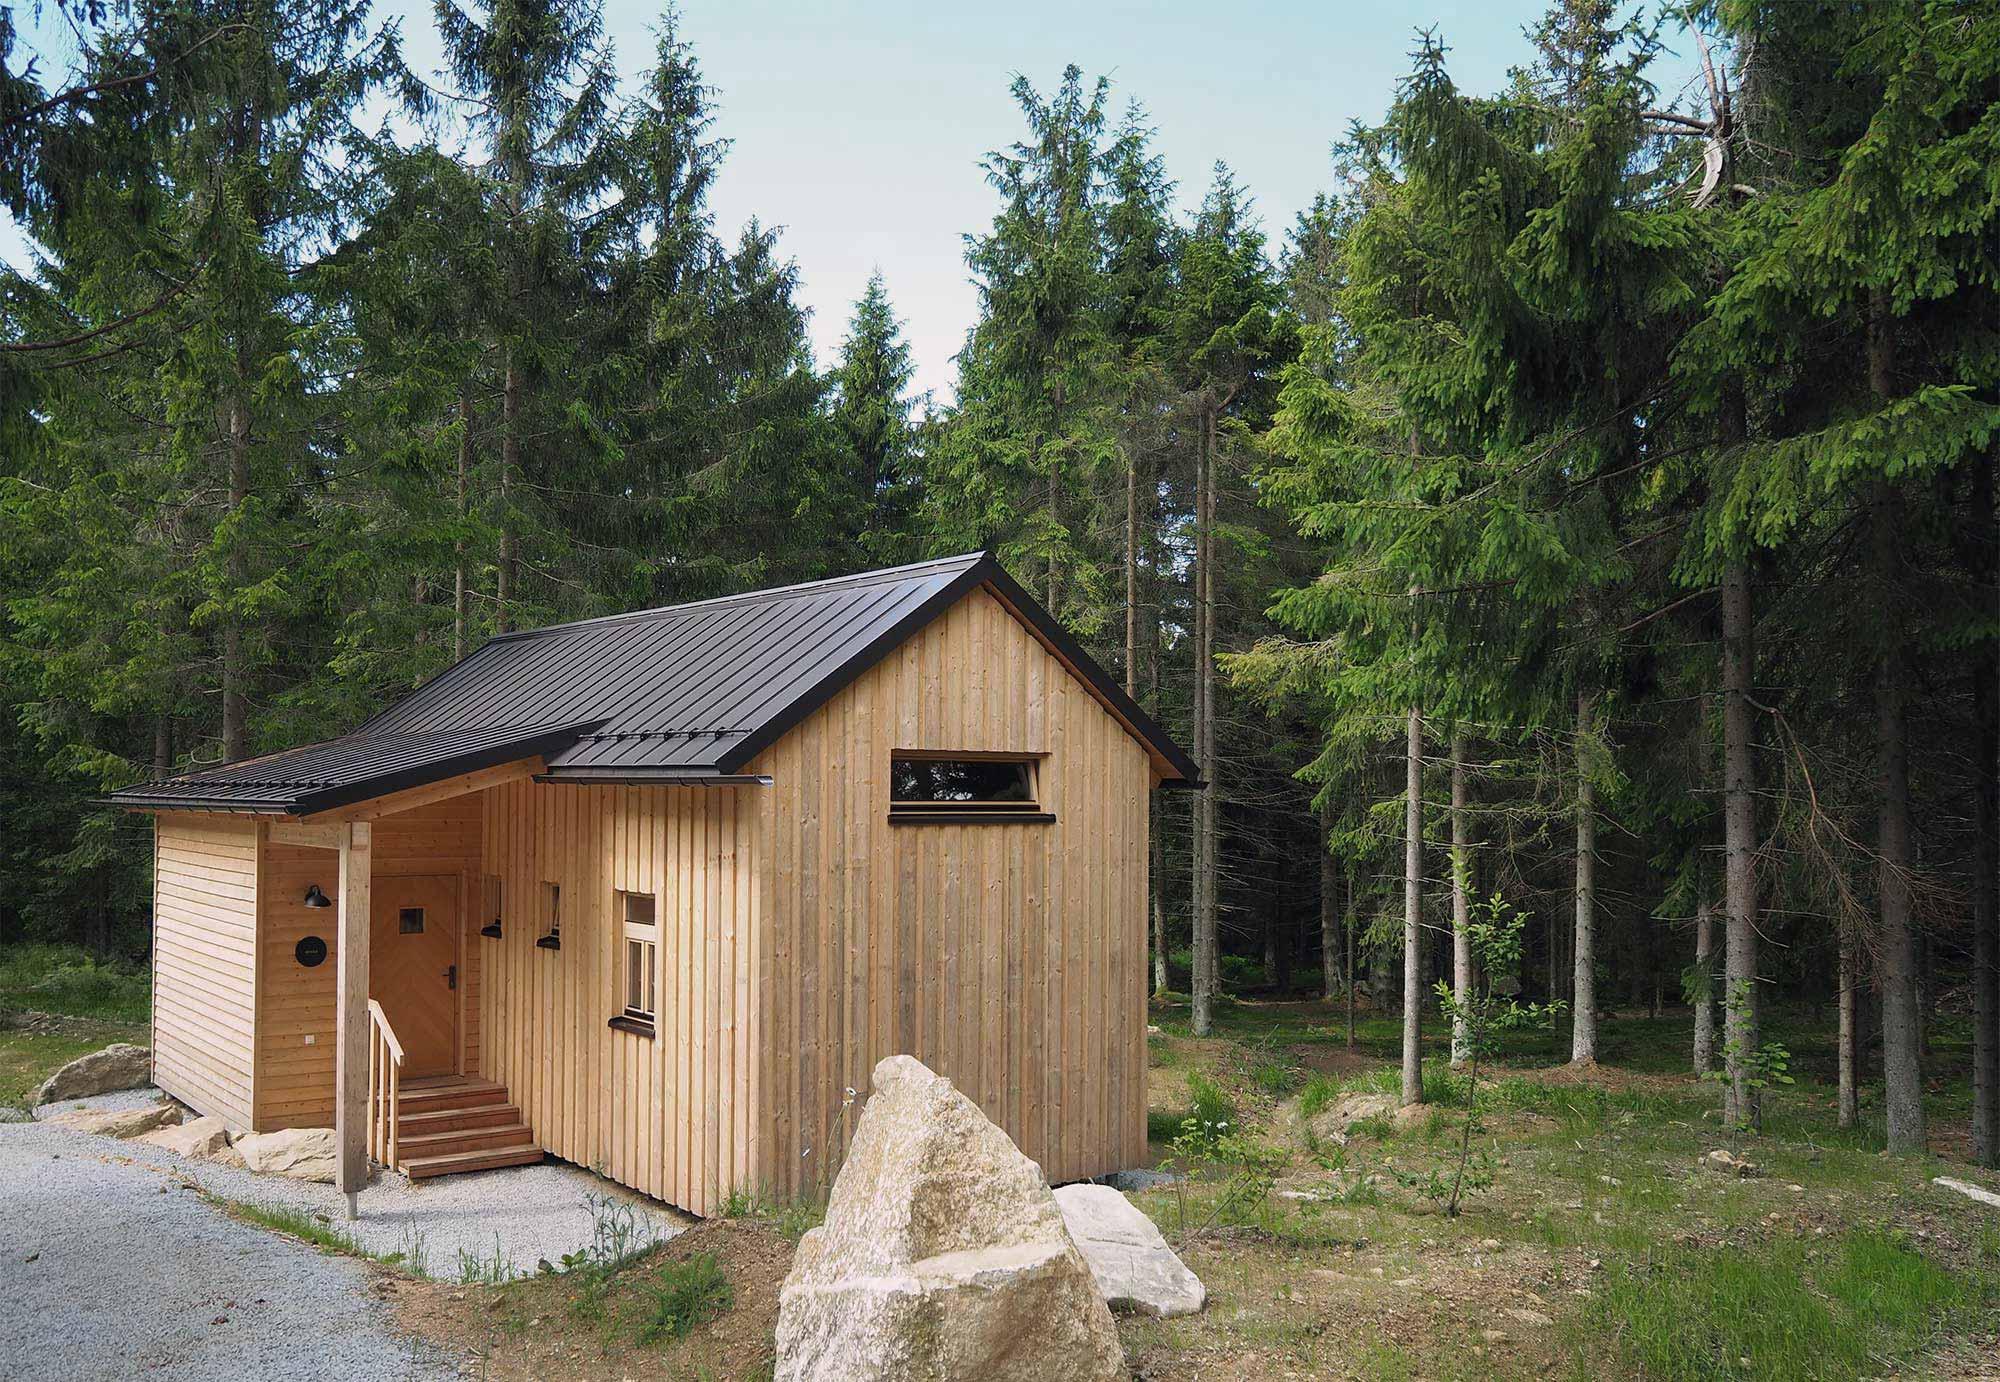 Die Holzknechthütte Minna wird unser Zuhause für die nächsten Tage